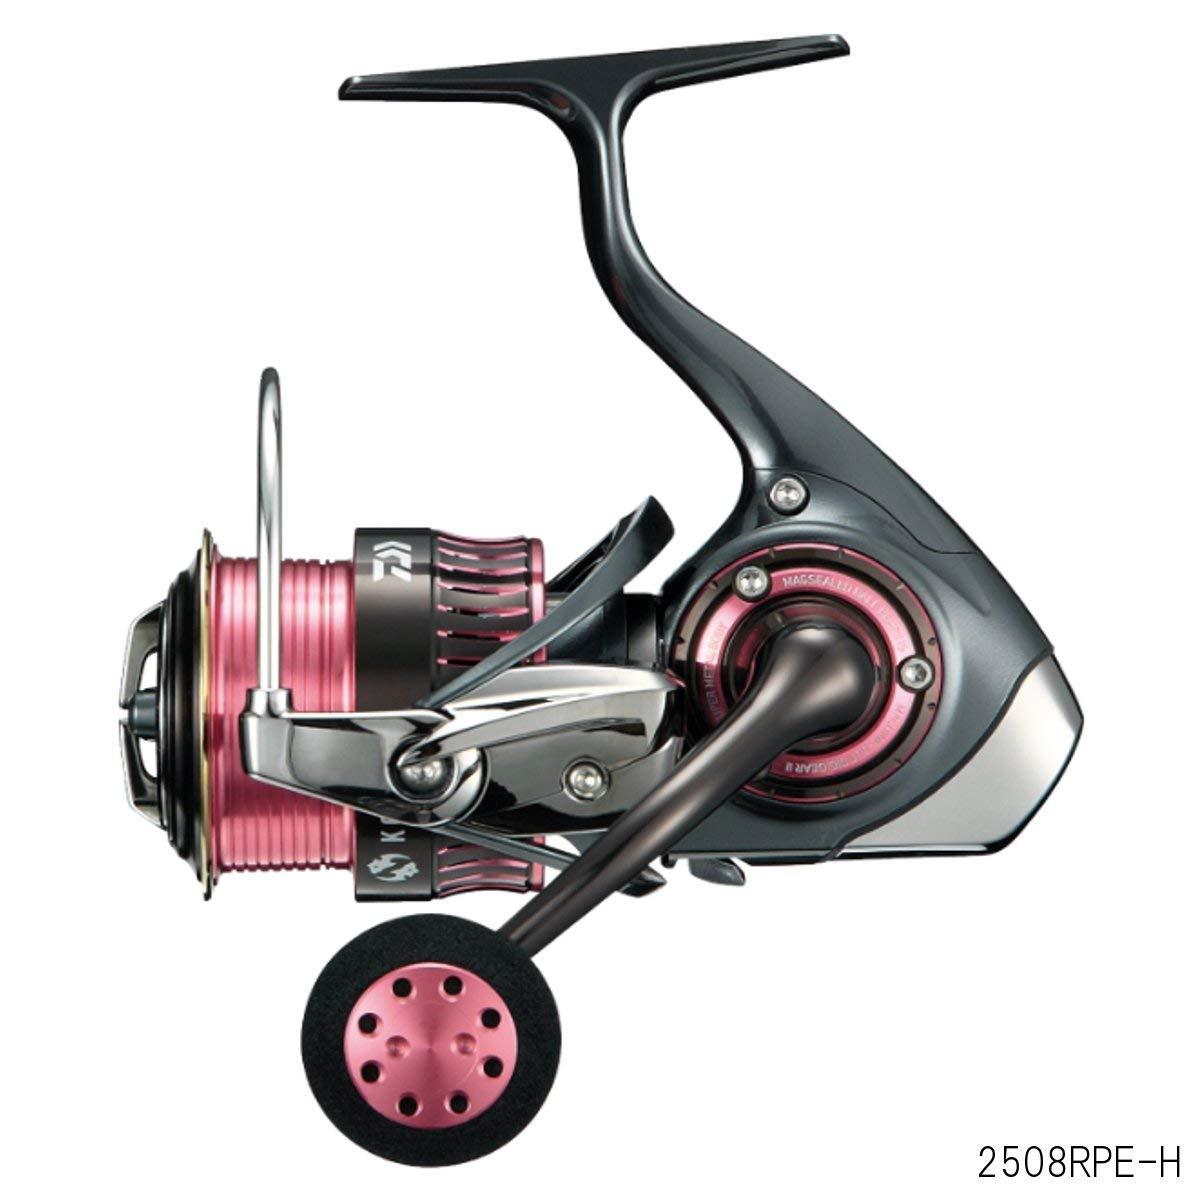 ダイワ(Daiwa) タイラバ スピニングリール 紅牙EX 2508RPE-H (2500サイズ)